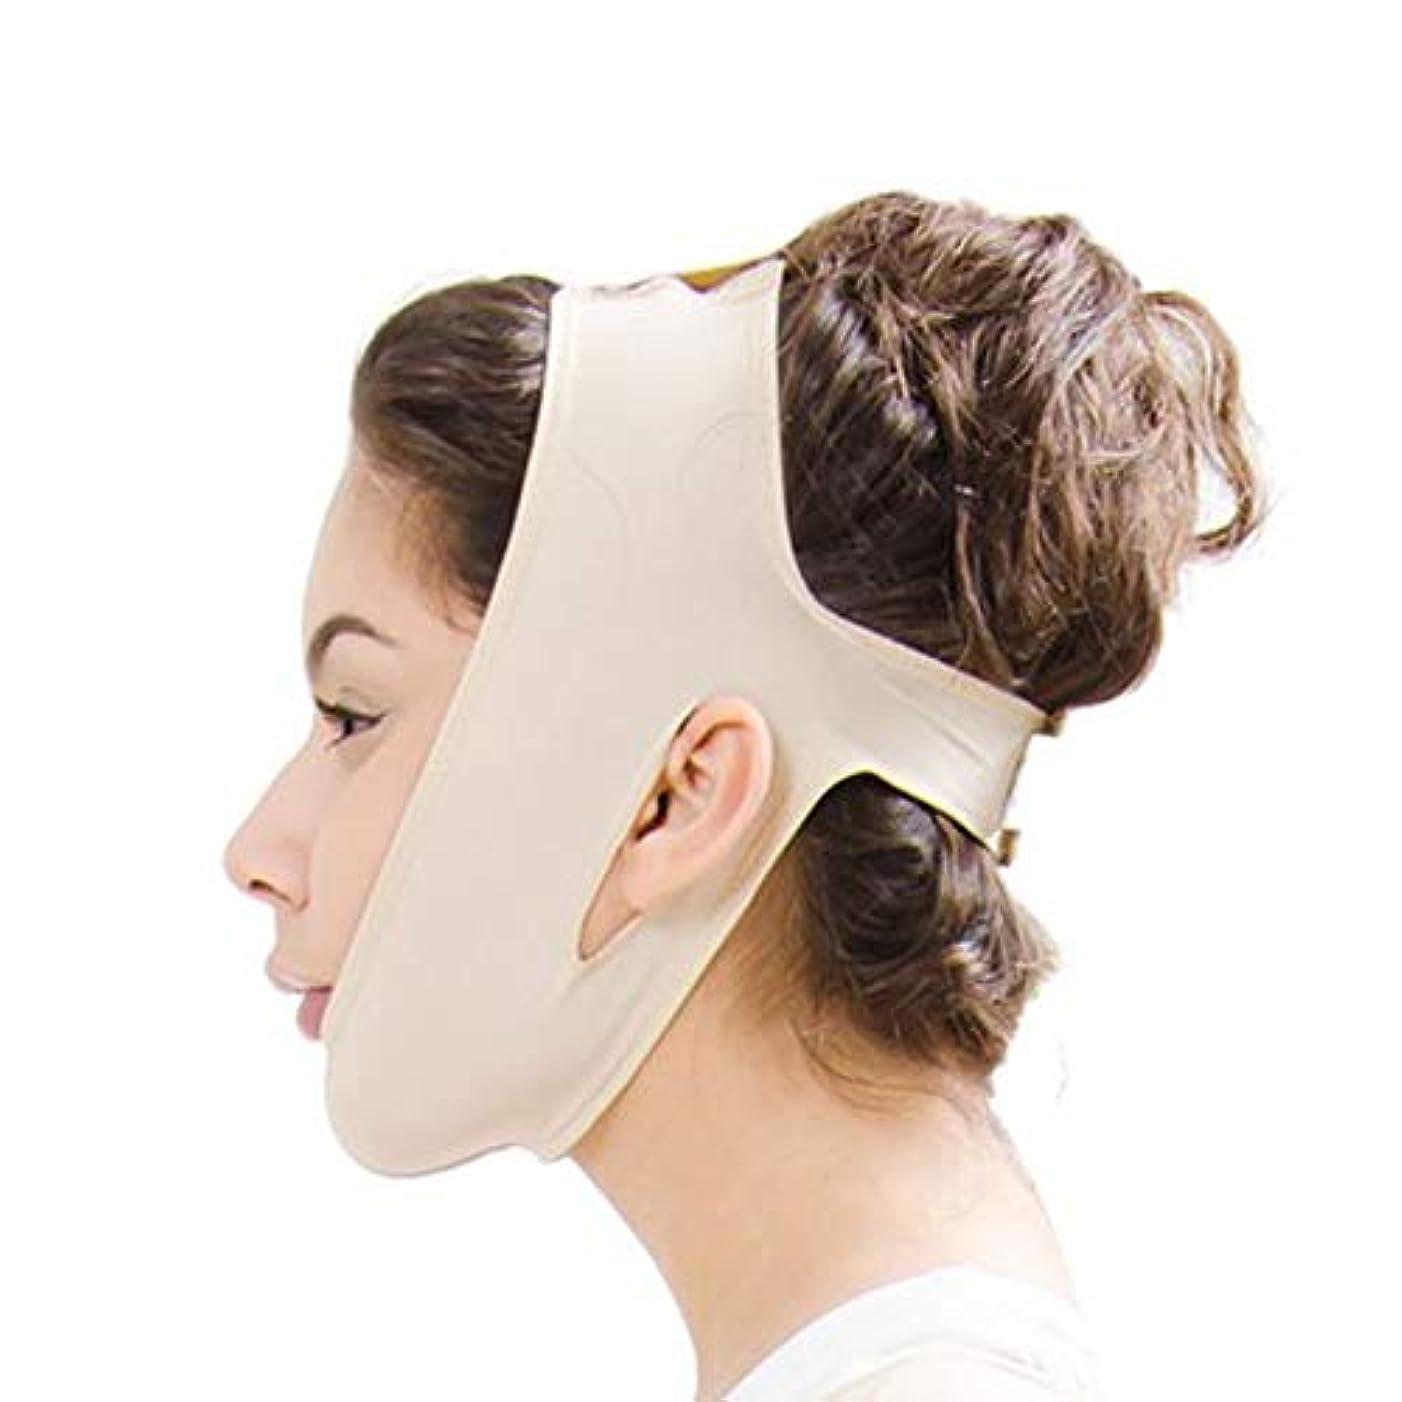 アテンダントびん管理者TLMY フェイシャルリフティングマスクフェイシャルダブルチンコンプレッションV字型フェイスブレスレットヘッドギアリフティングファーミングスキン 顔用整形マスク (Size : XXL)